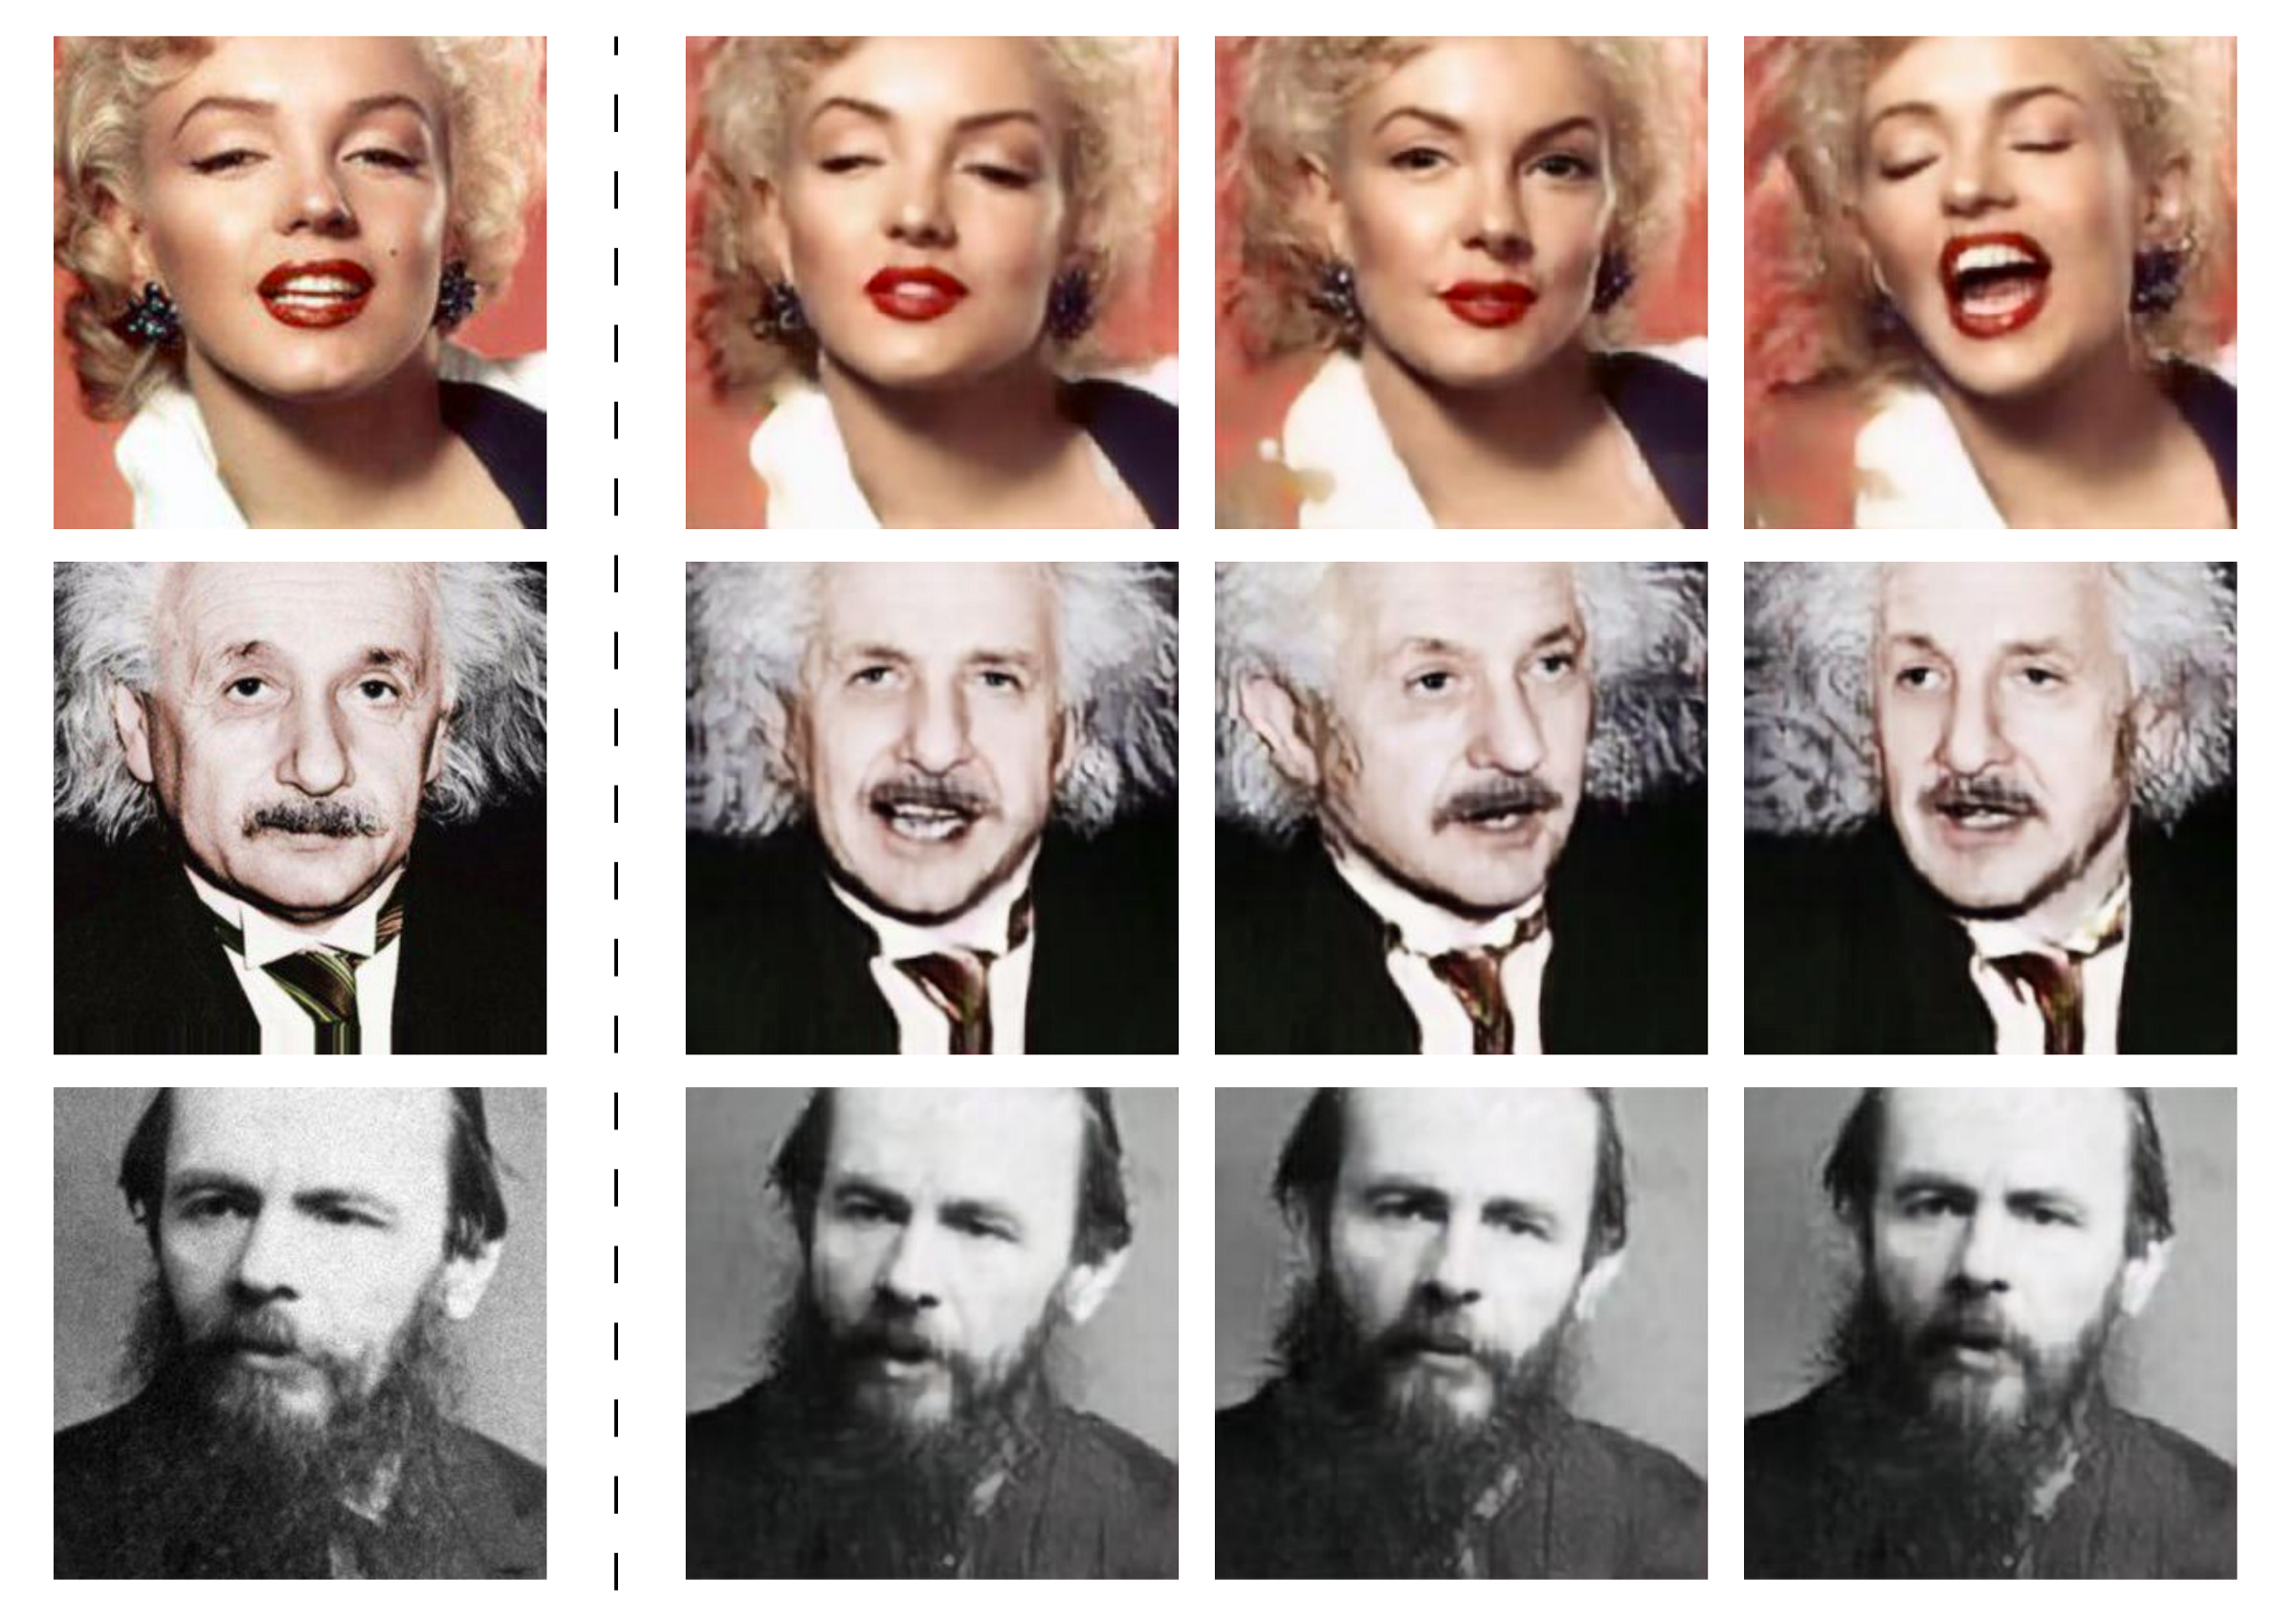 Художники випустили вірусний ролик з Марком Цукербергом